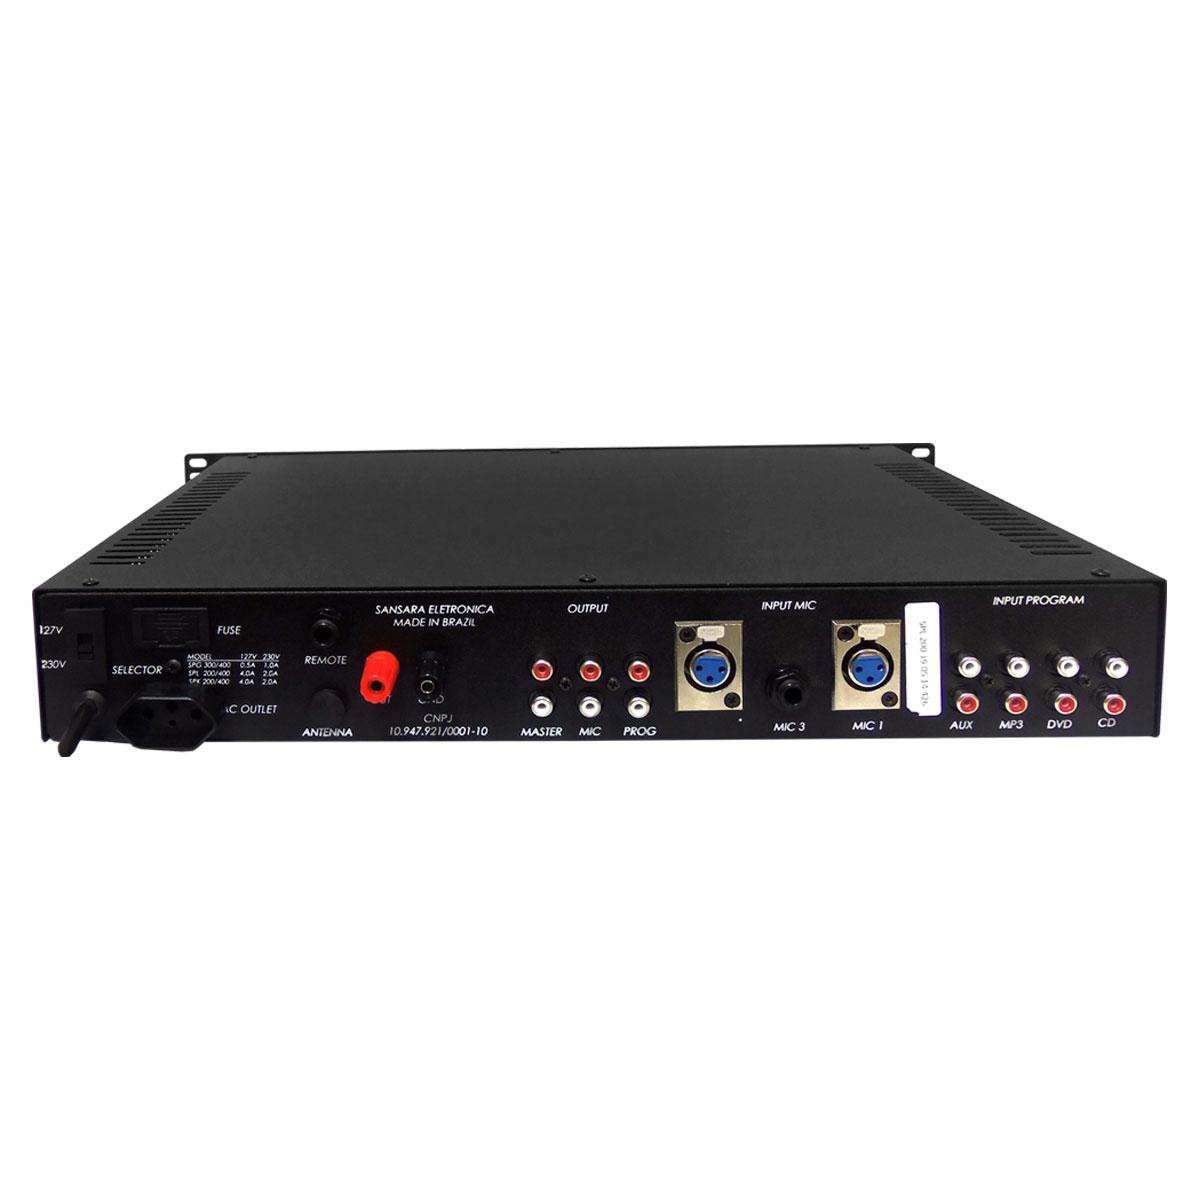 SPL200 - Pré Amplificador Integrado c/ Amplificador de Linha 70.7V 200W SPL 200 - Sansara